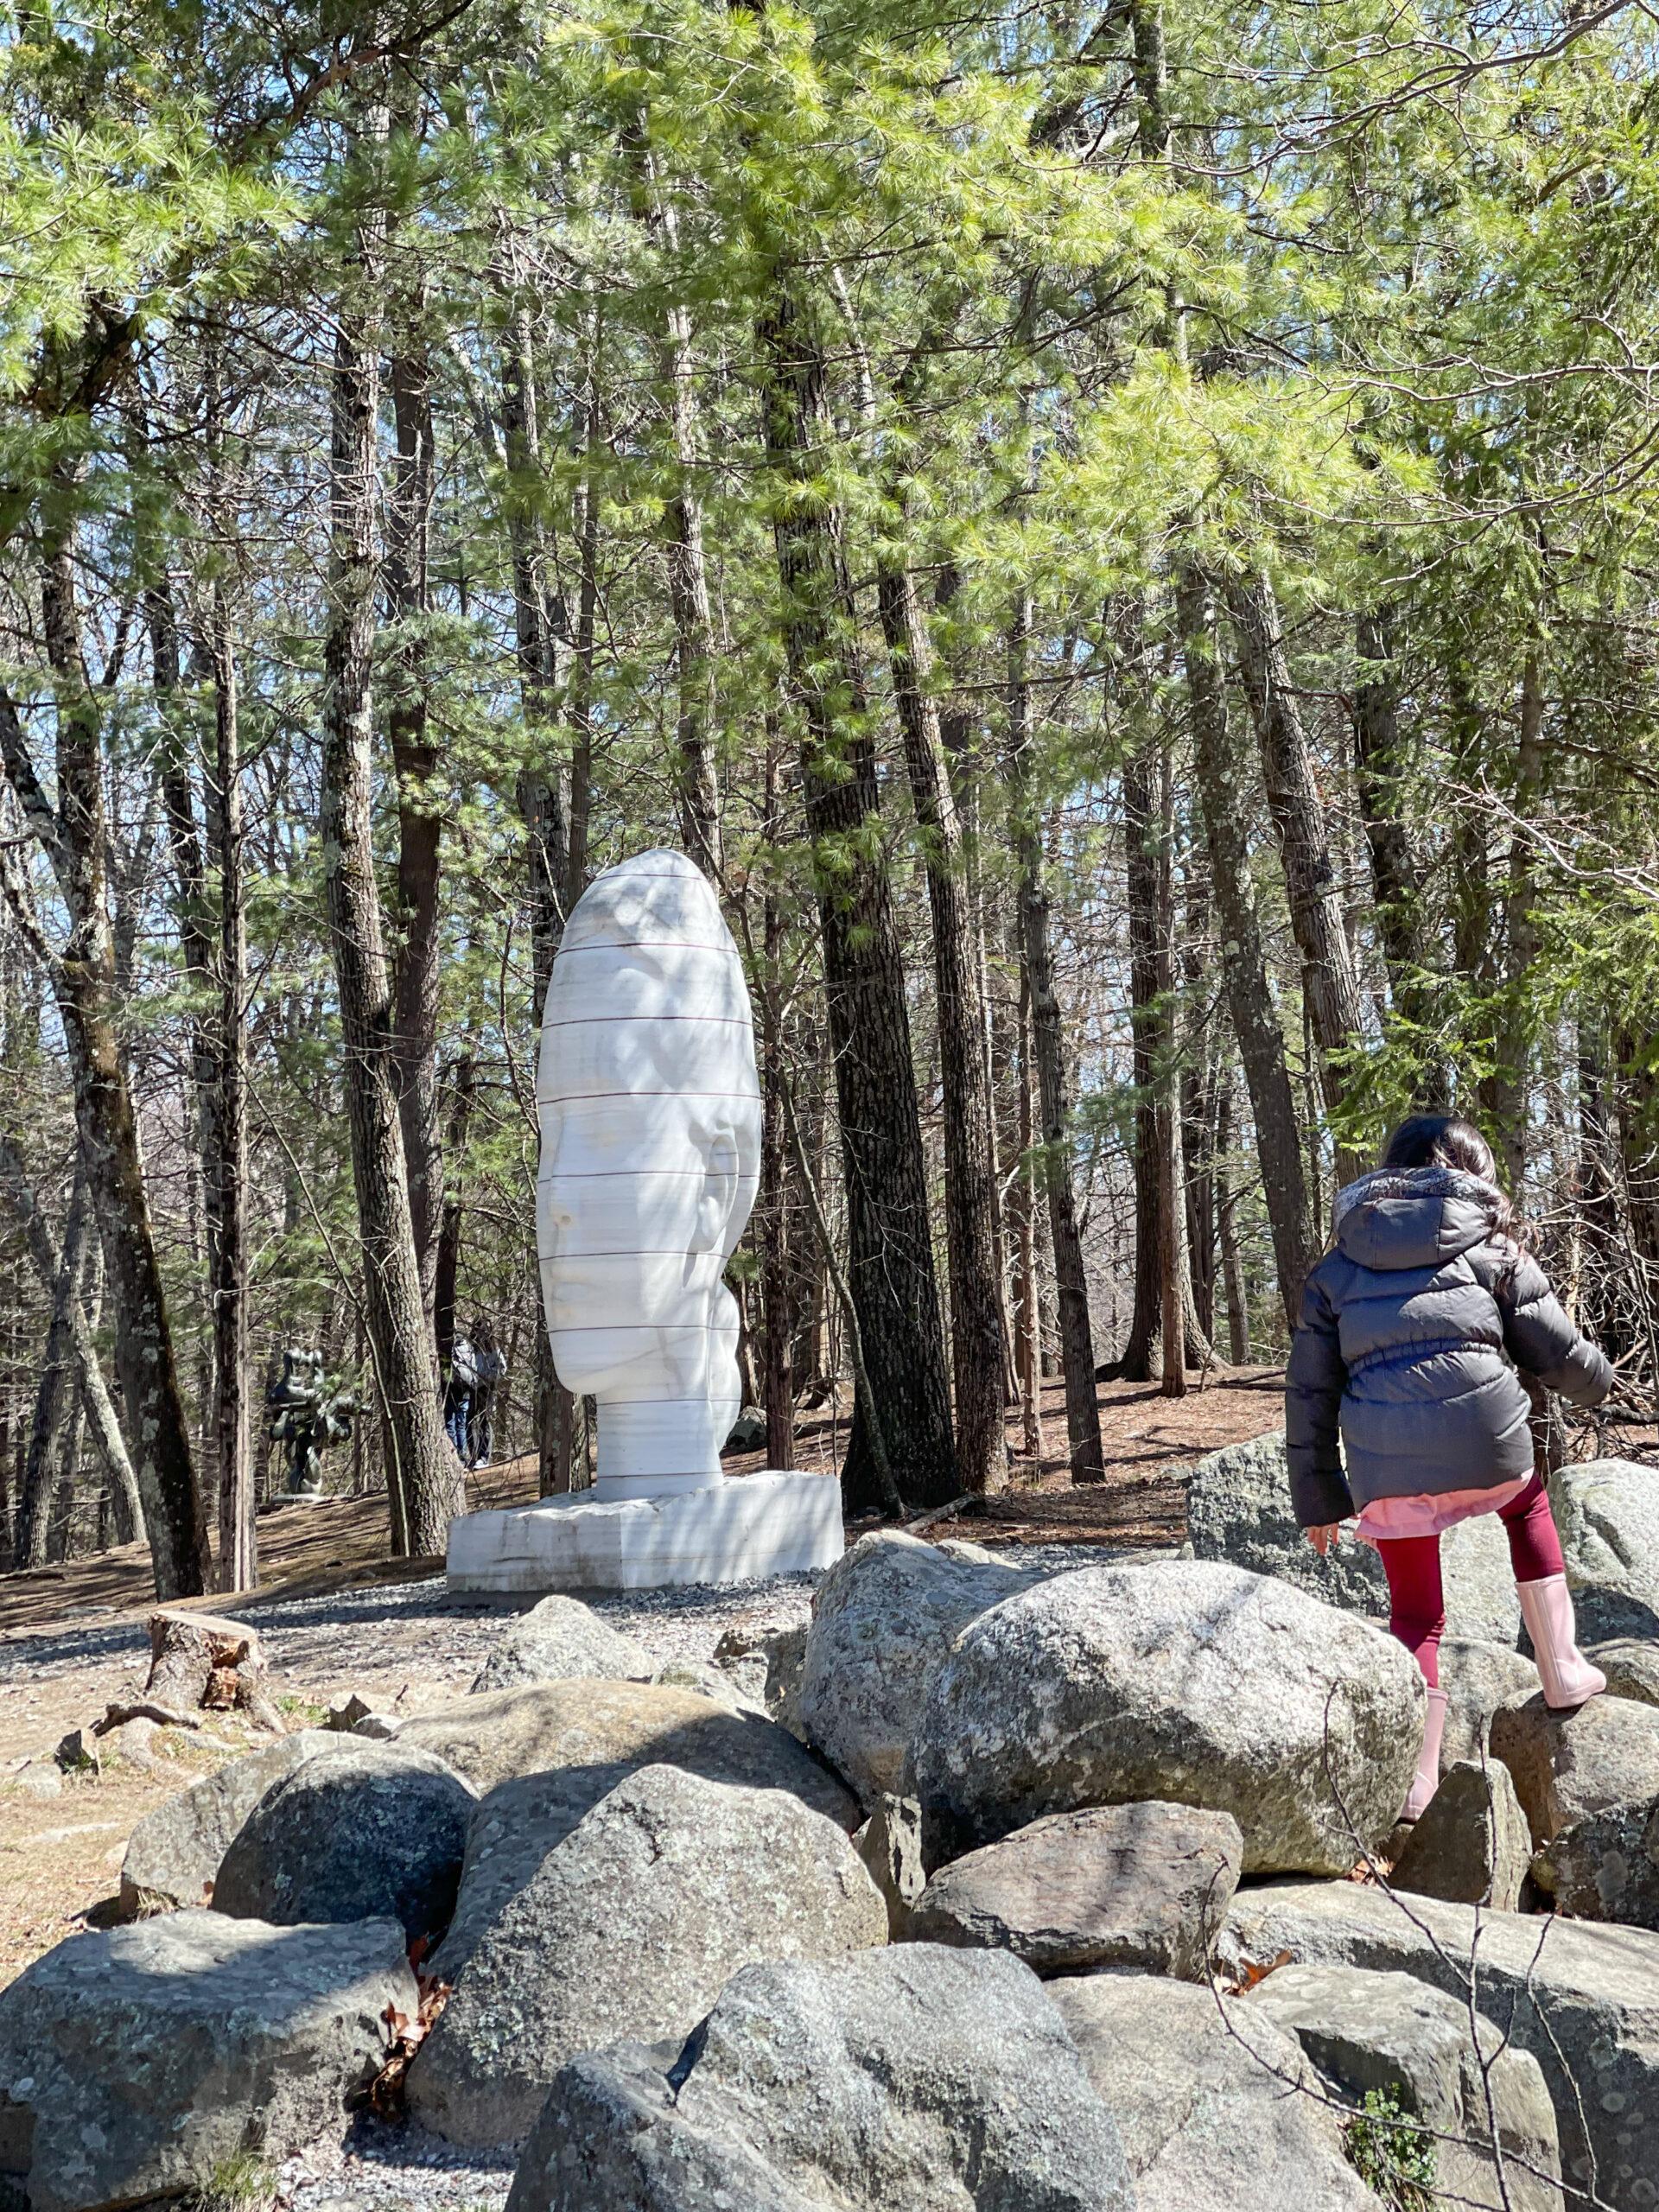 Exploring Boston - deCordova Sculpture Park in Lincoln Massachusetts - Visiting with Young Kids | @glitterinclexi | GLITTERINC.COM